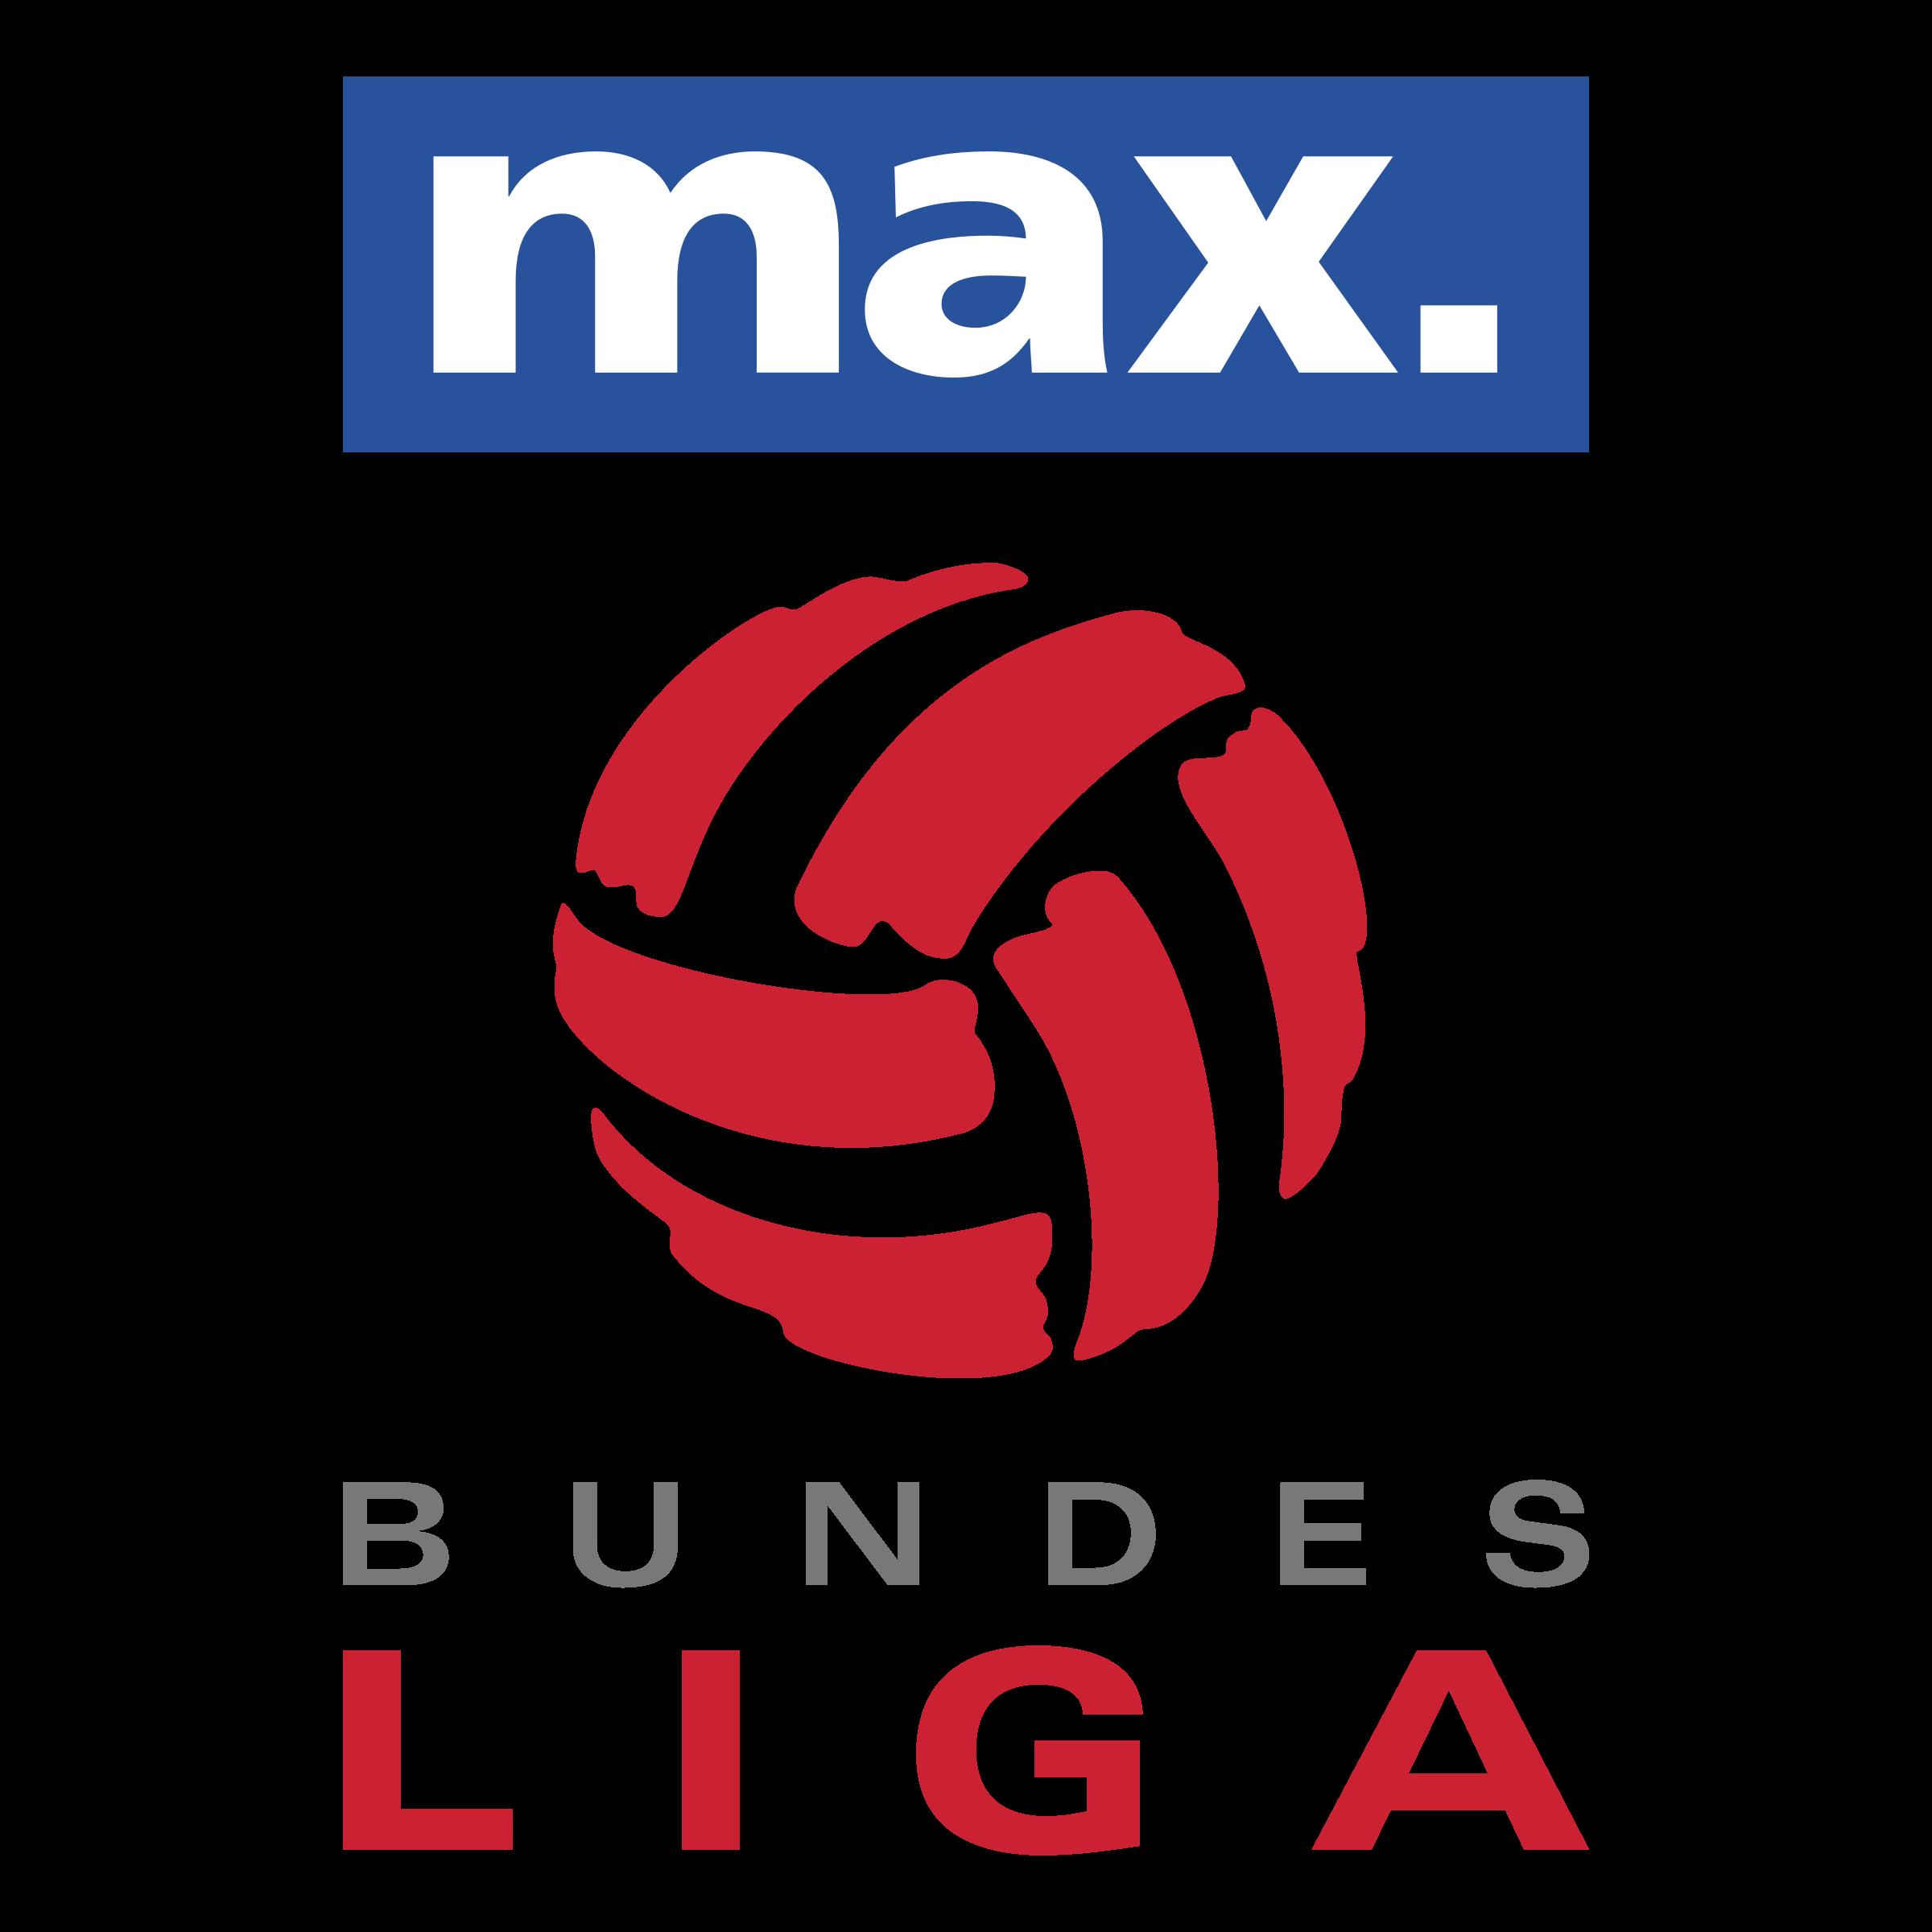 Bundes Liga Logo PNG Transparent & SVG Vector - Freebie Supply